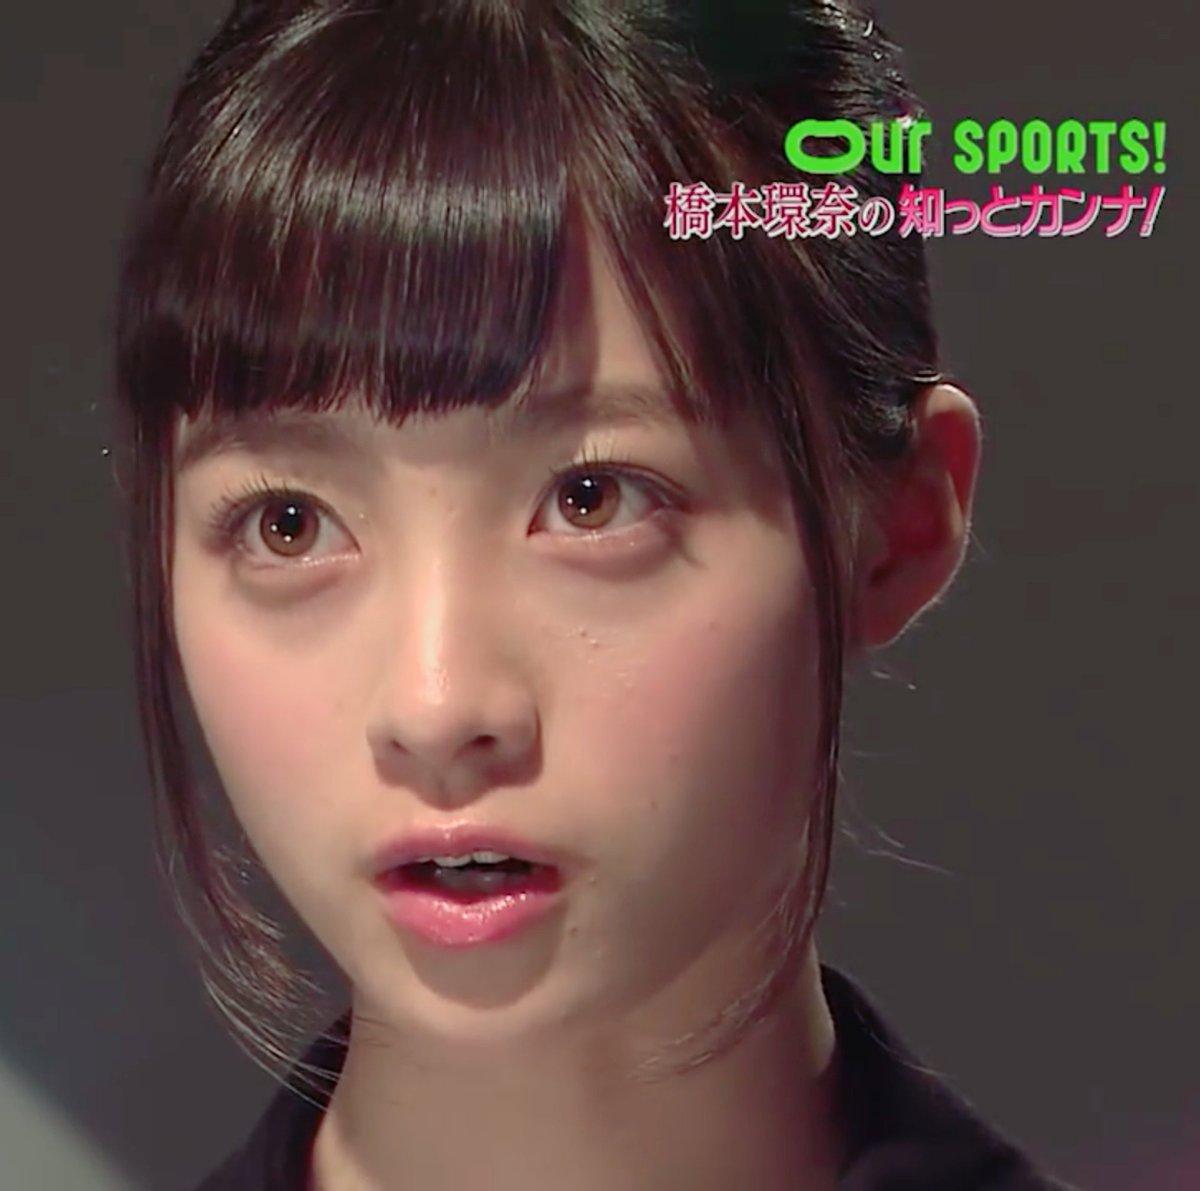 「橋本環奈 瞳」の画像検索結果